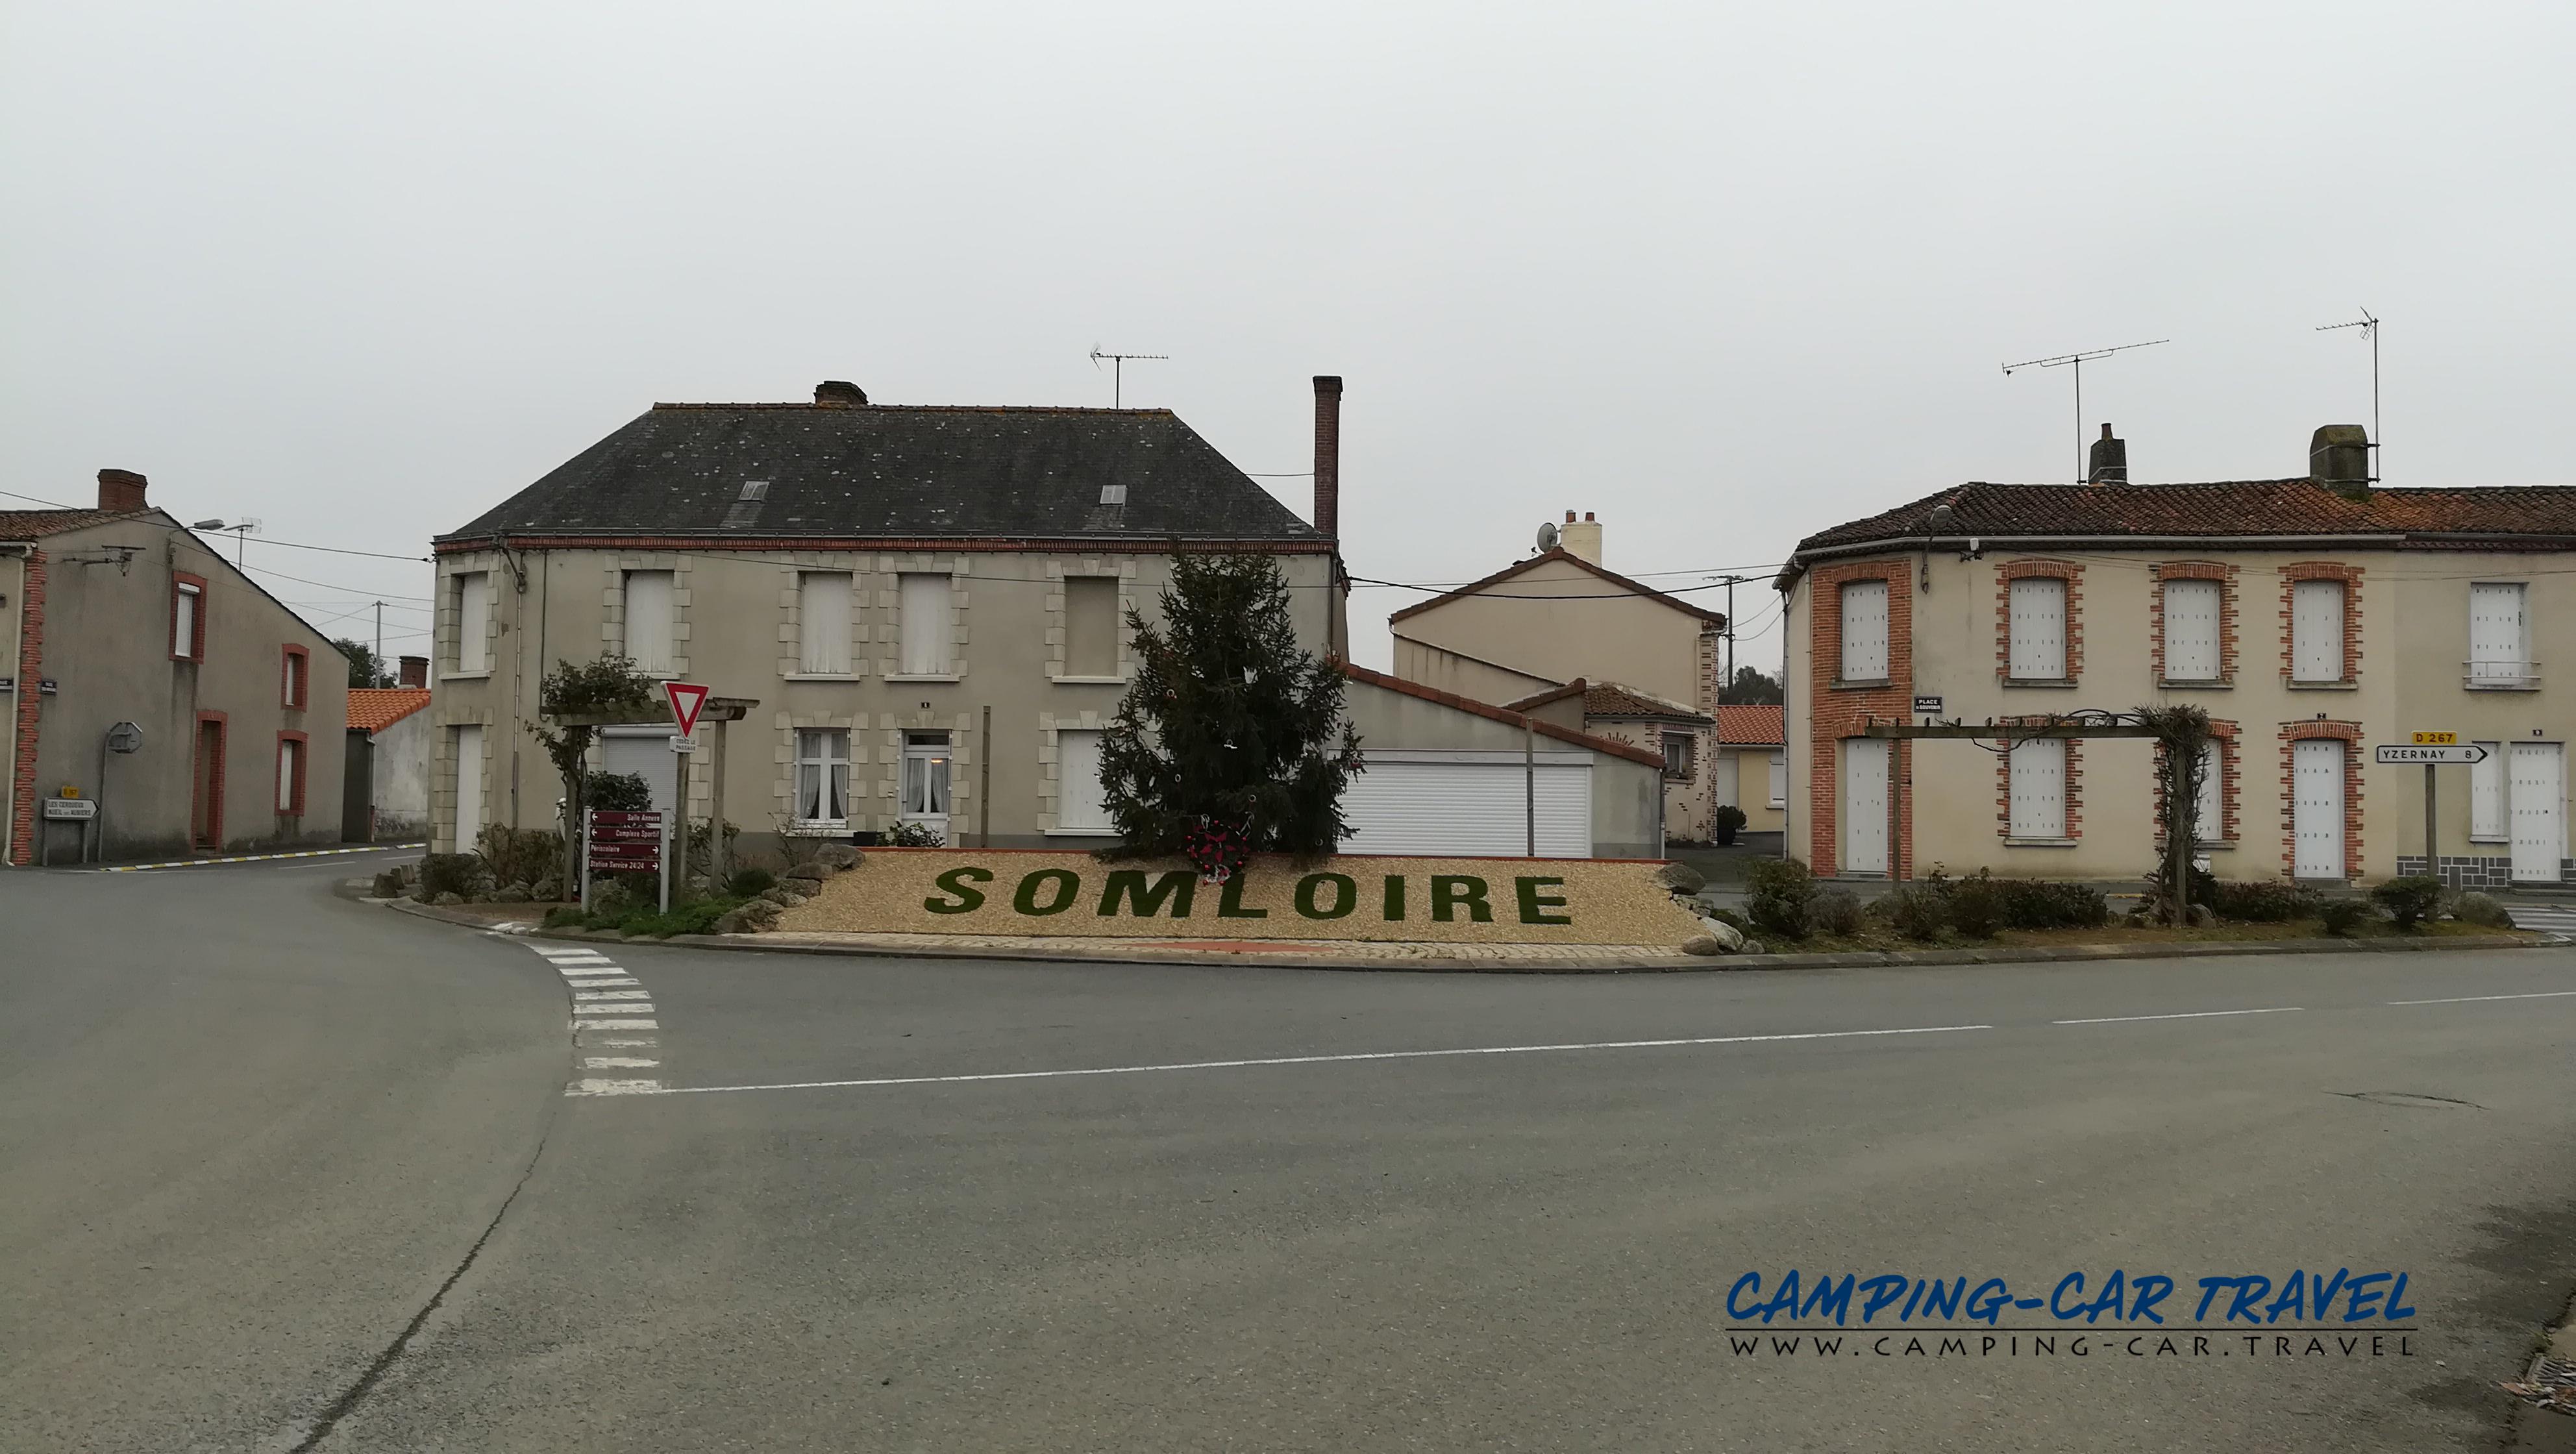 aire services camping car Somloire Maine-et-Loire Pays-de-la-Loire